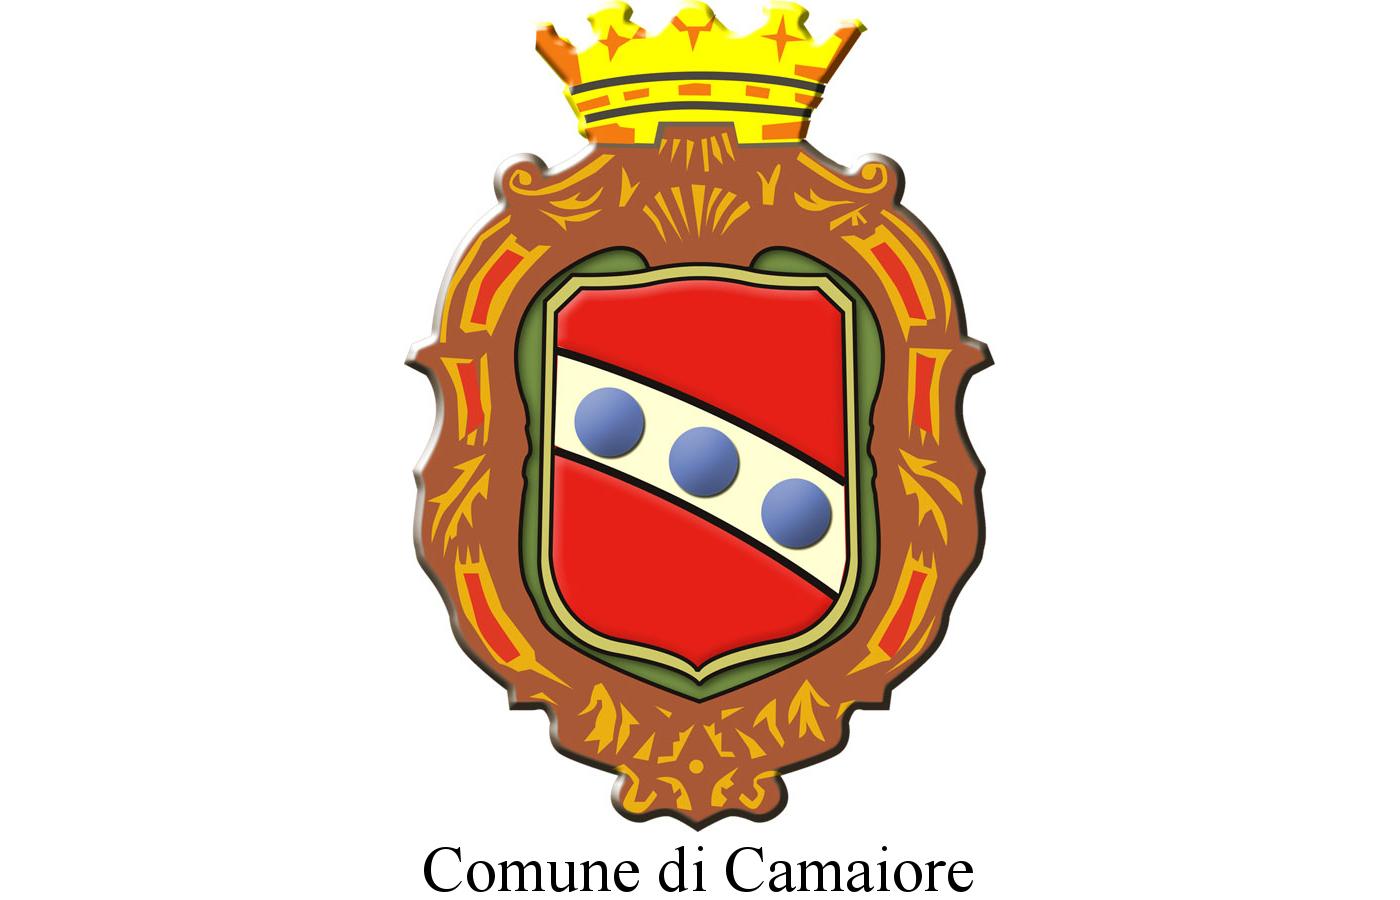 Convocata la III Commissione Consiliare Permanente per il giorno 18 ottobre 2021